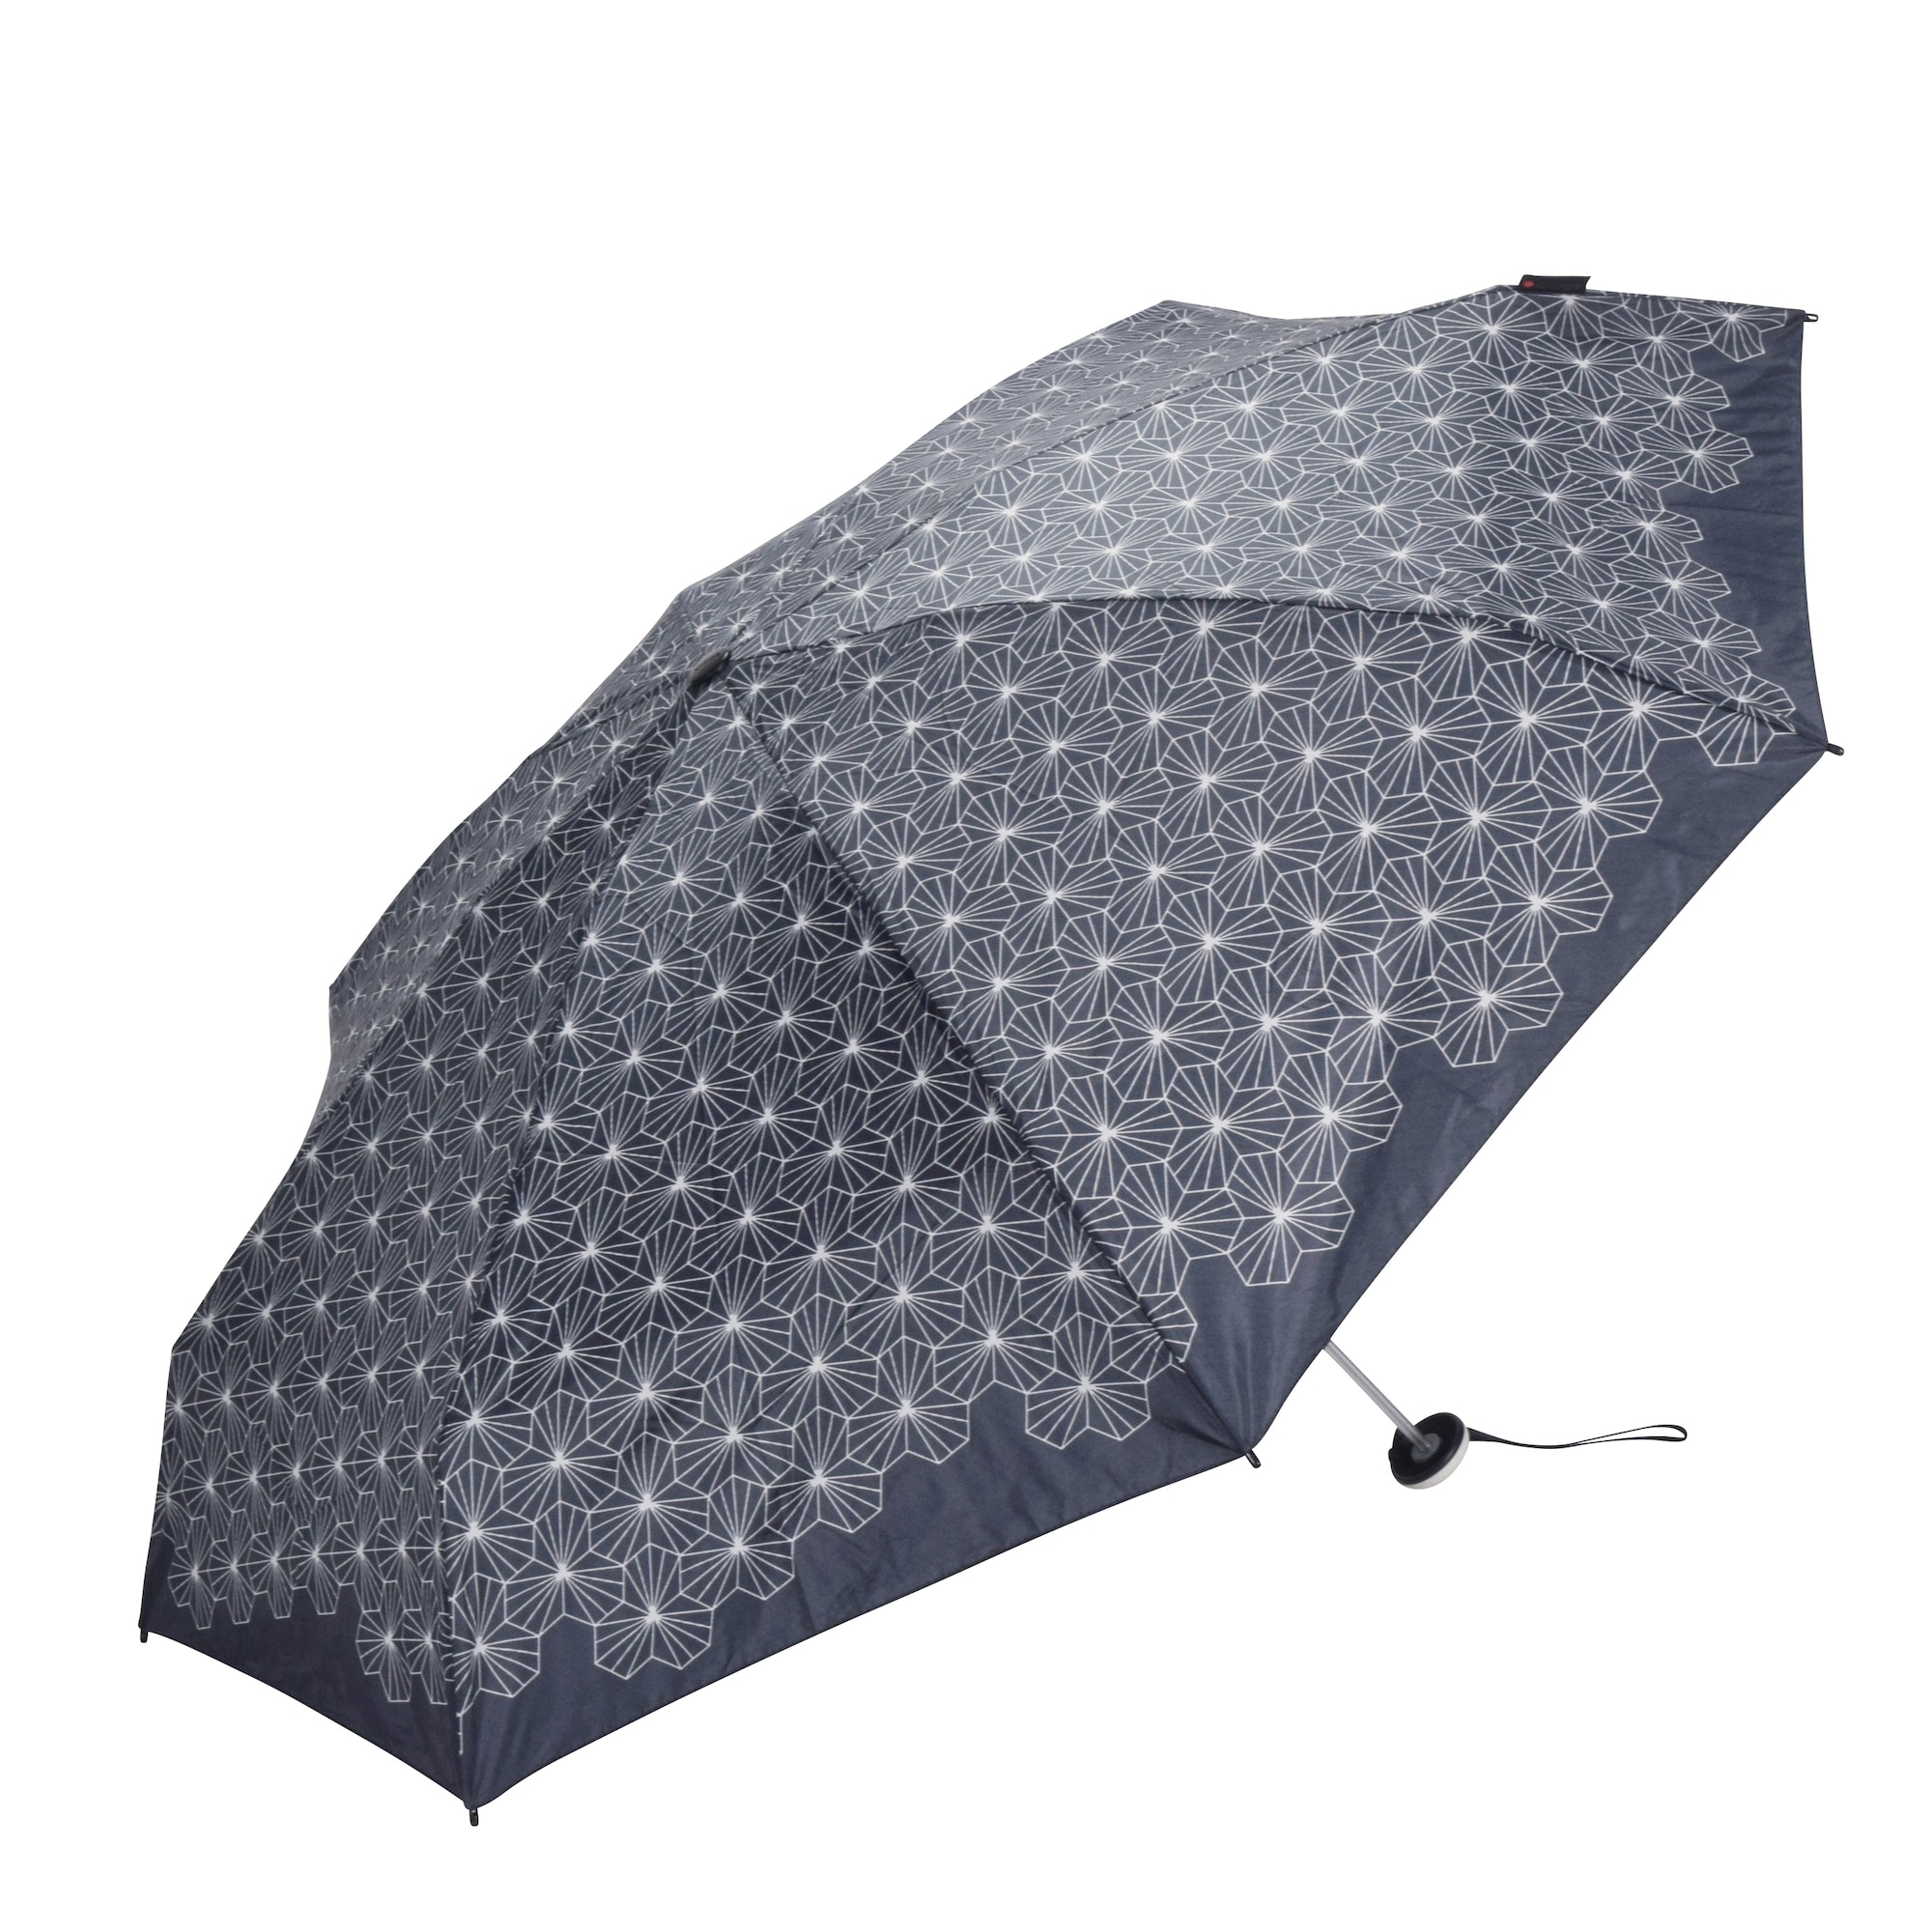 Regenschirm 'X1 Lotus' | Accessoires > Regenschirme > Sonstige Regenschirme | Grau - Schwarz | knirps